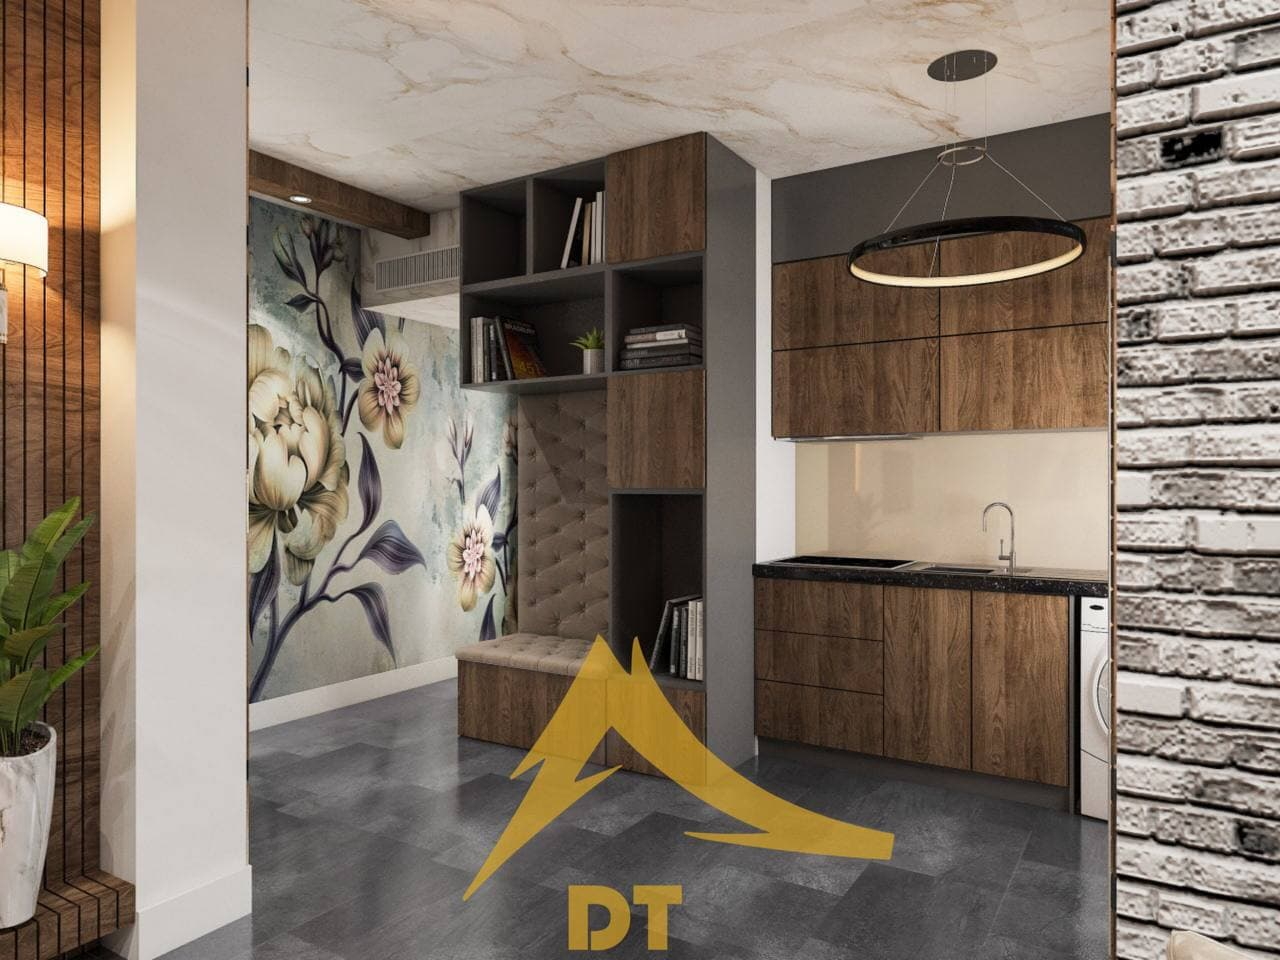 شرکت معماری و دکوراسیون داخلی دکوطرح - dadfar decotarh 3